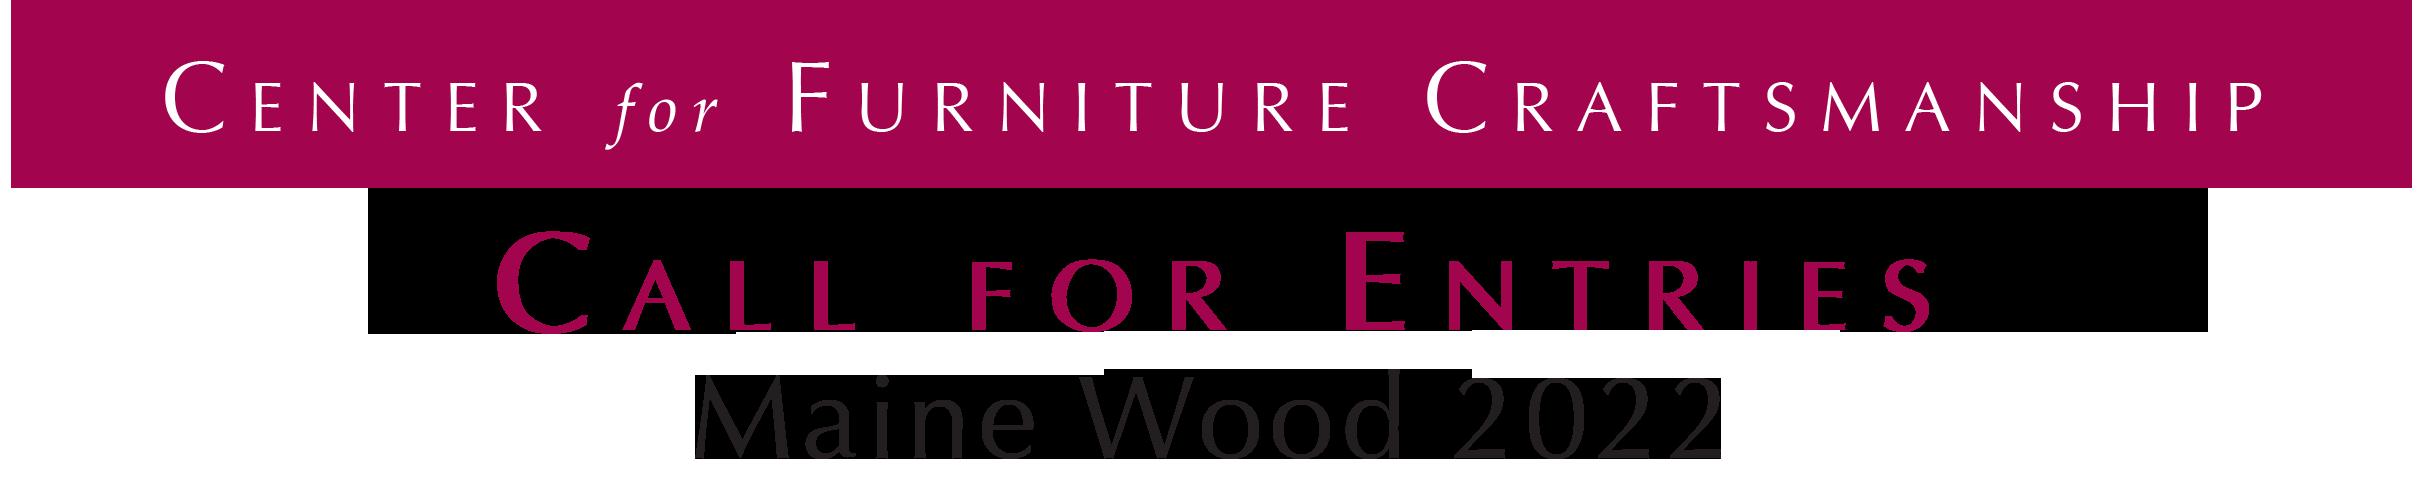 Maine Wood 2020 Headline